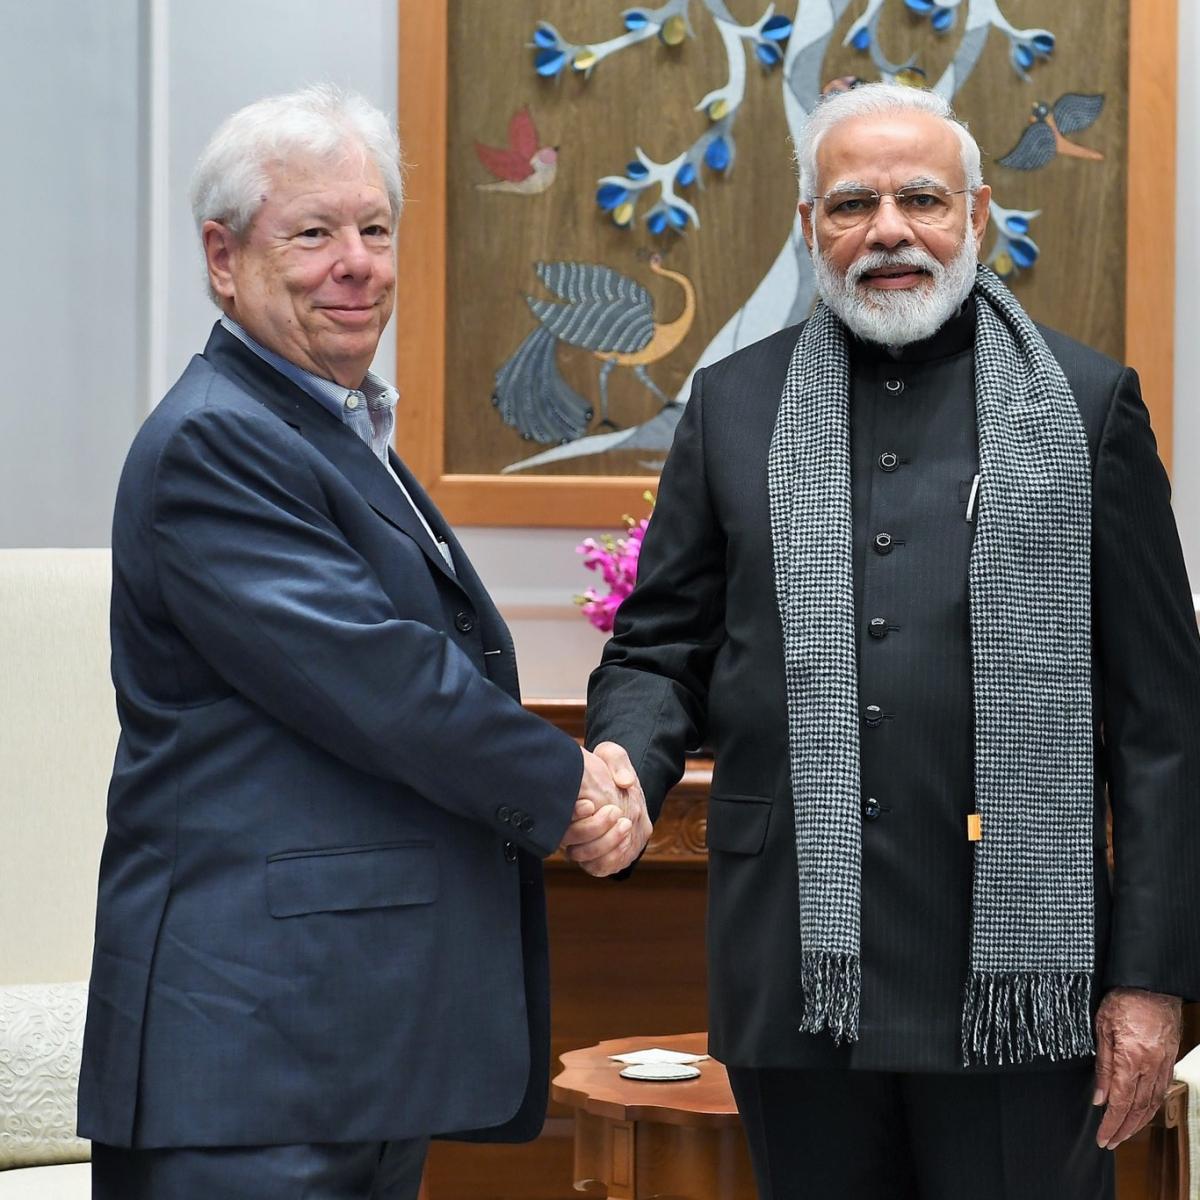 PM Modi meets Nobel Laureate whose tweet BJP cited to justify demonetisation